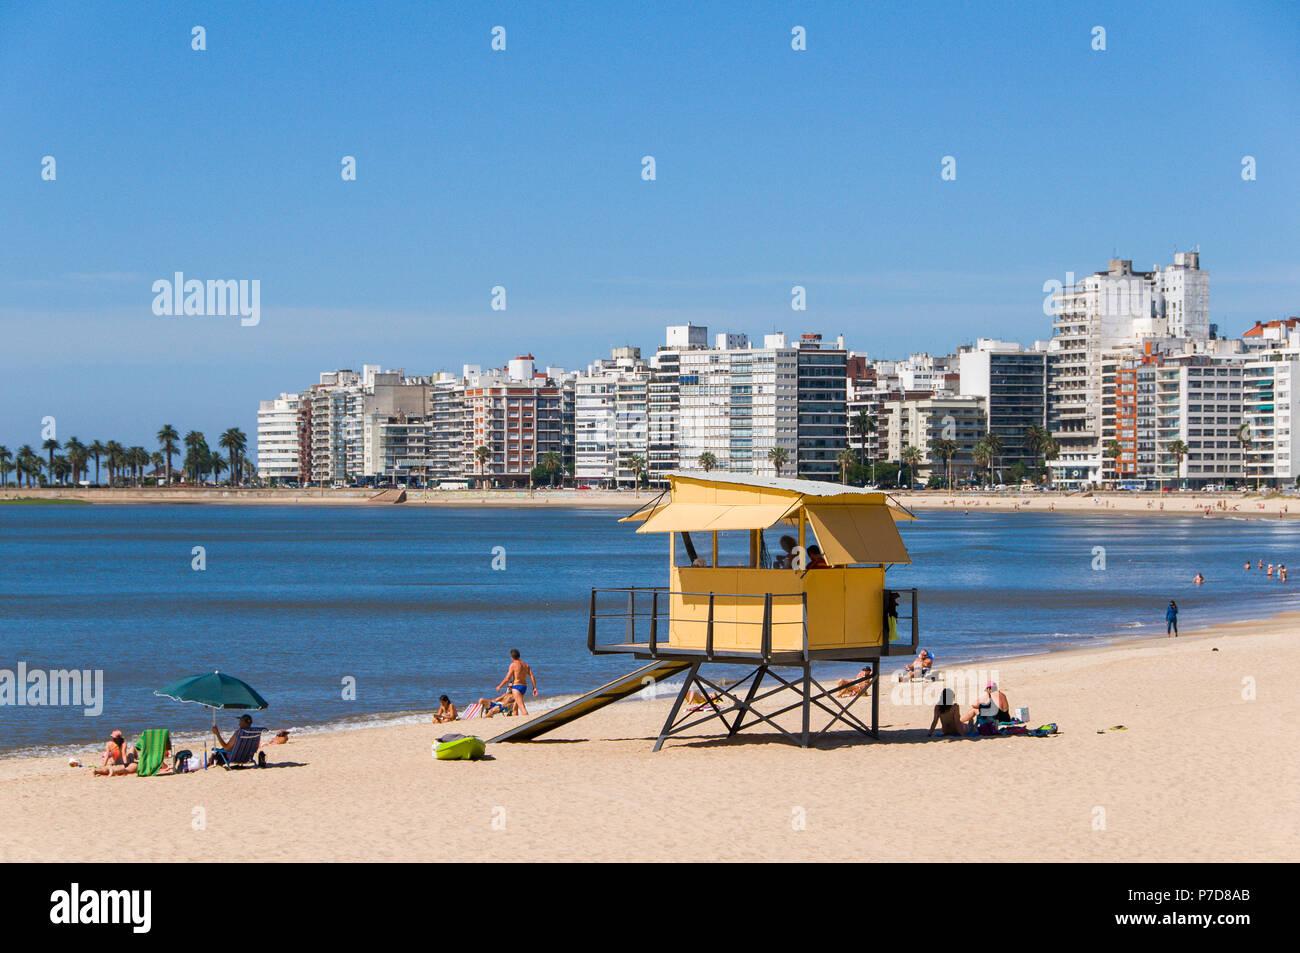 Nuotatori presso la City Beach, Torre bagnino e grattacieli di Montevideo, Uruguay Immagini Stock